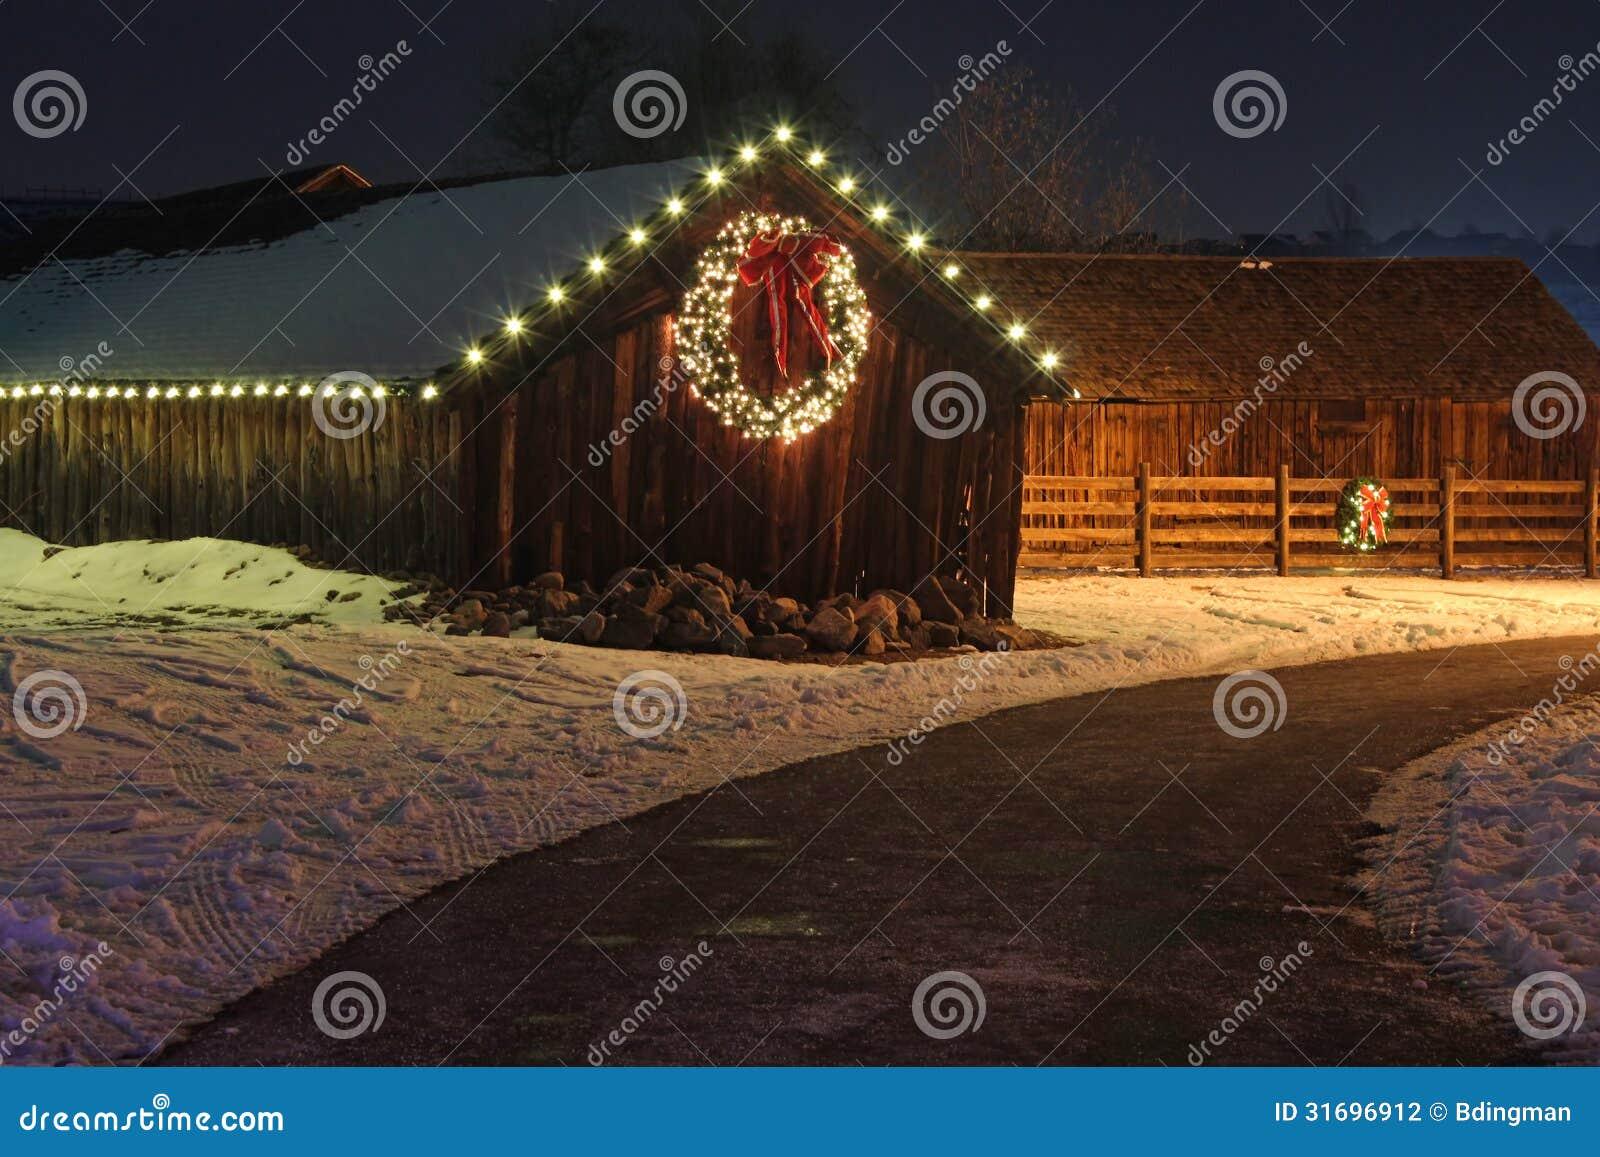 Christmas Lights Stock Photography Image 31696912